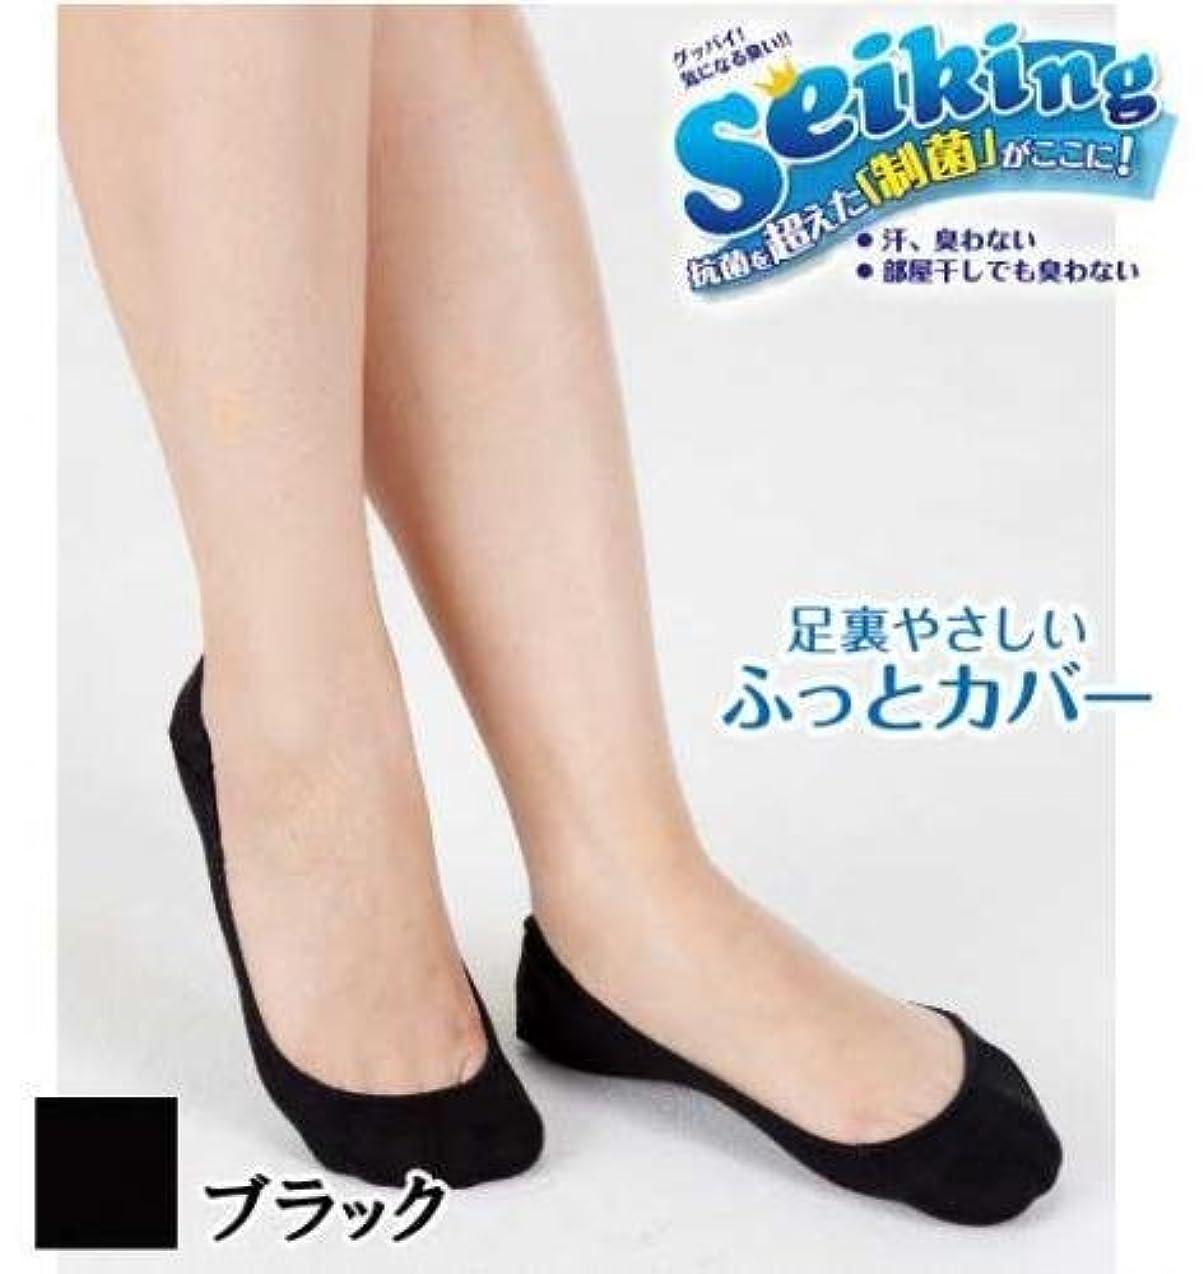 合体見つけた矢印砂山靴下 SEIKING フットカバー 黒